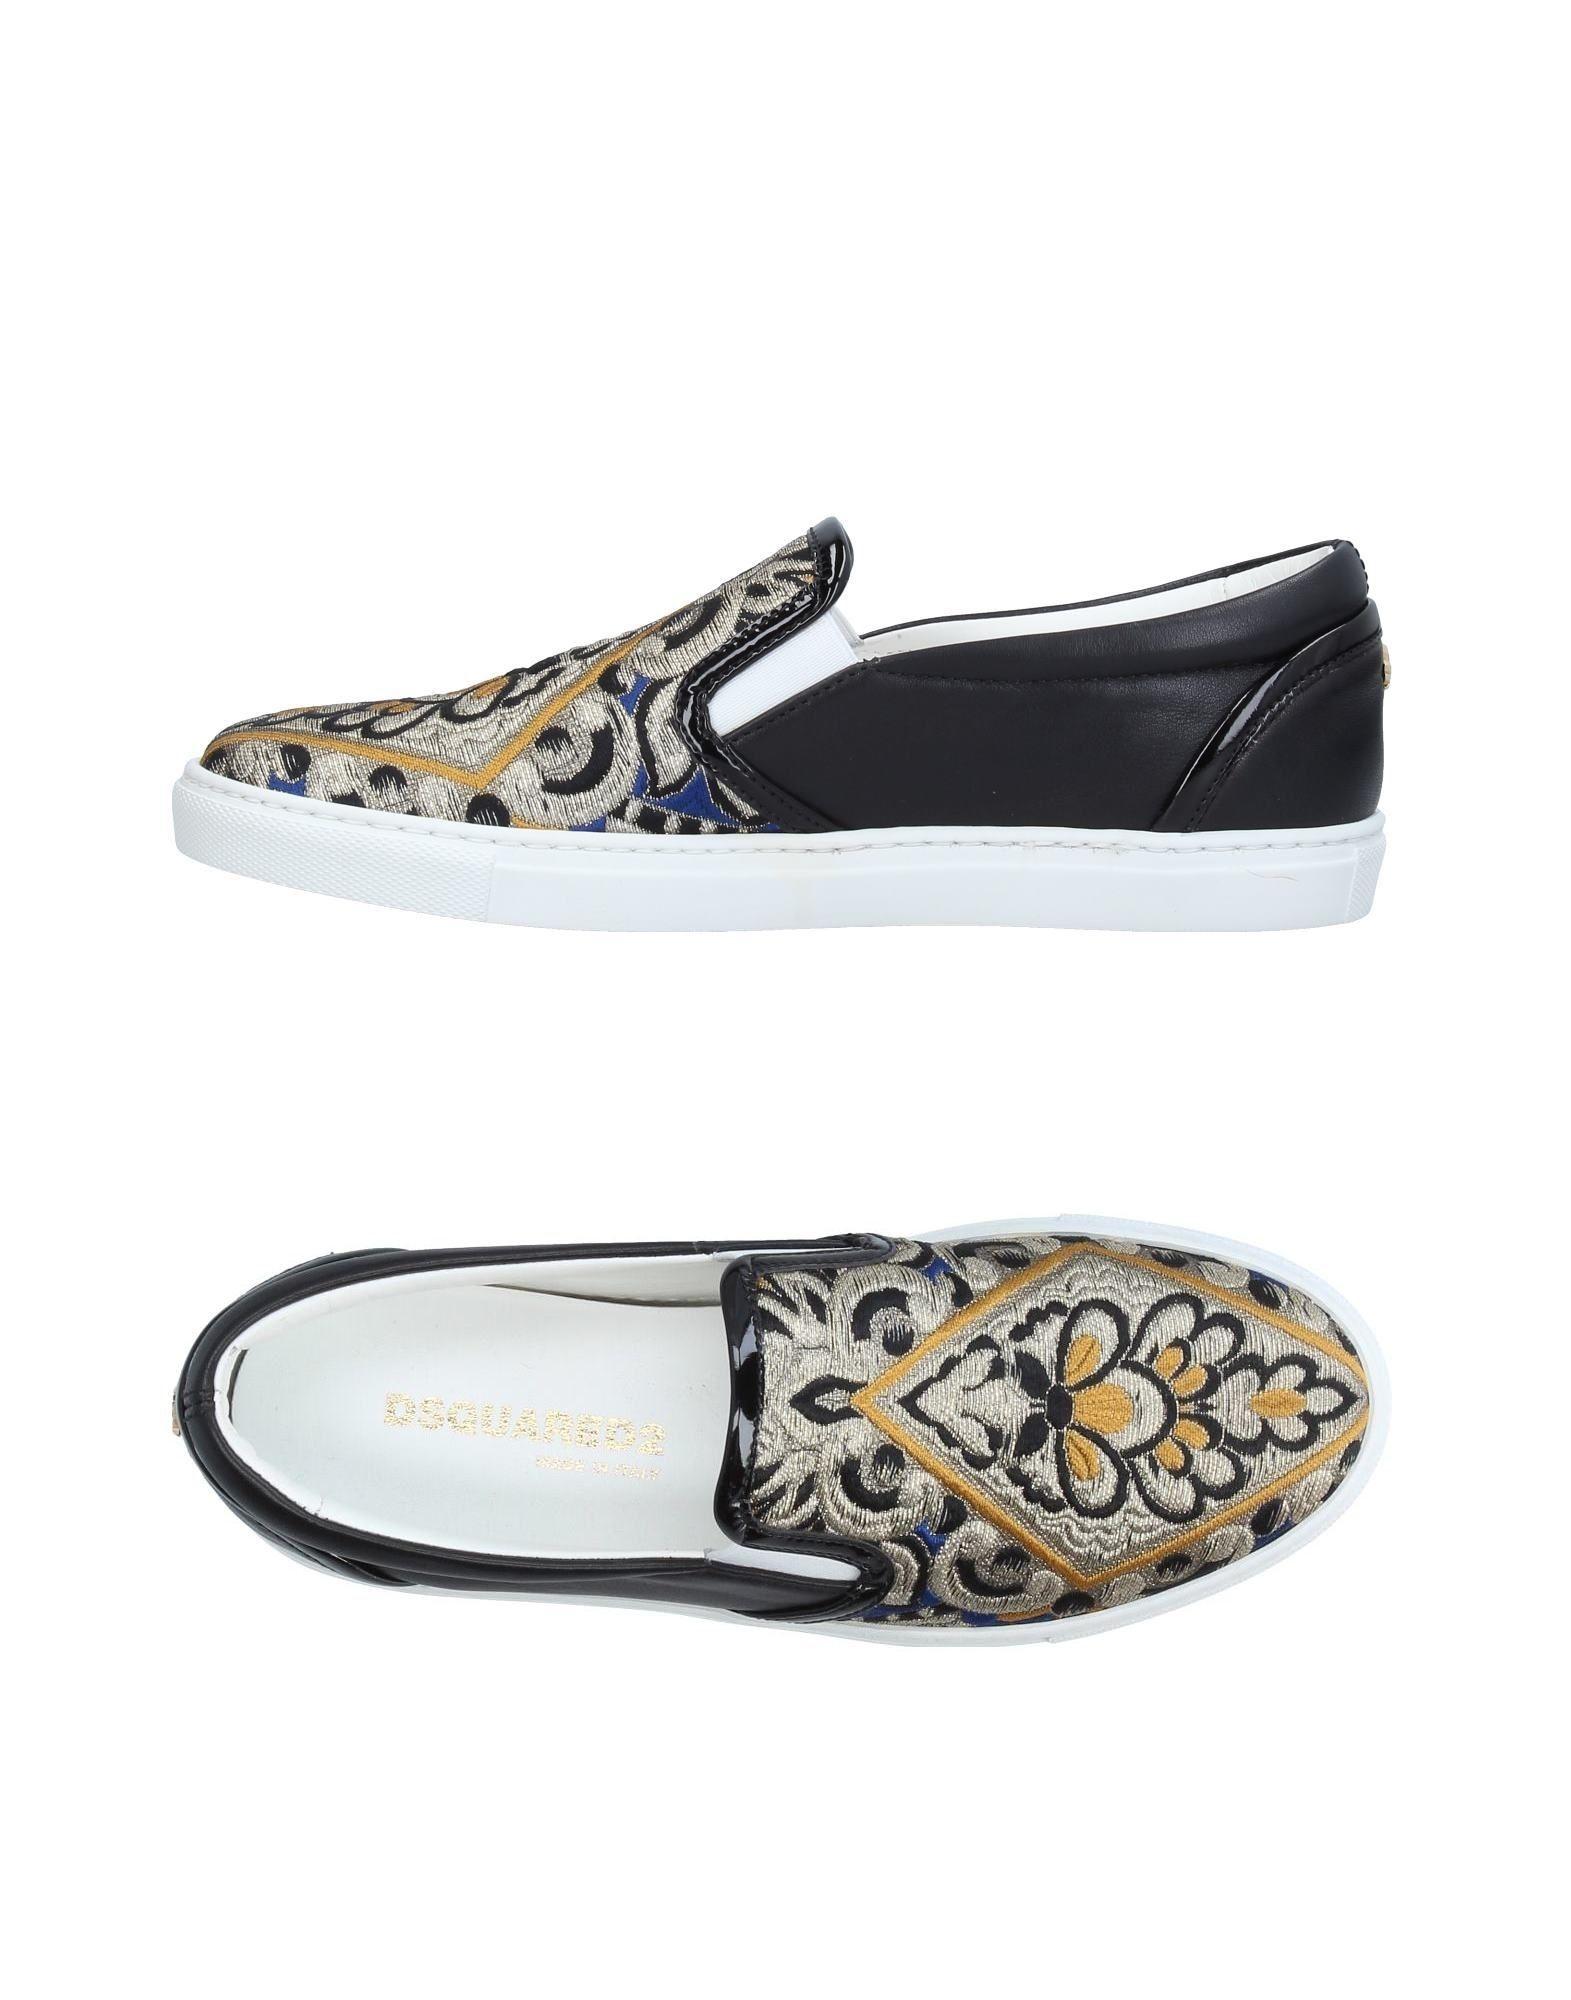 Klassischer Stil-19505,Dsquared2 es Sneakers Damen Gutes Preis-Leistungs-Verhältnis, es Stil-19505,Dsquared2 lohnt sich e782e1